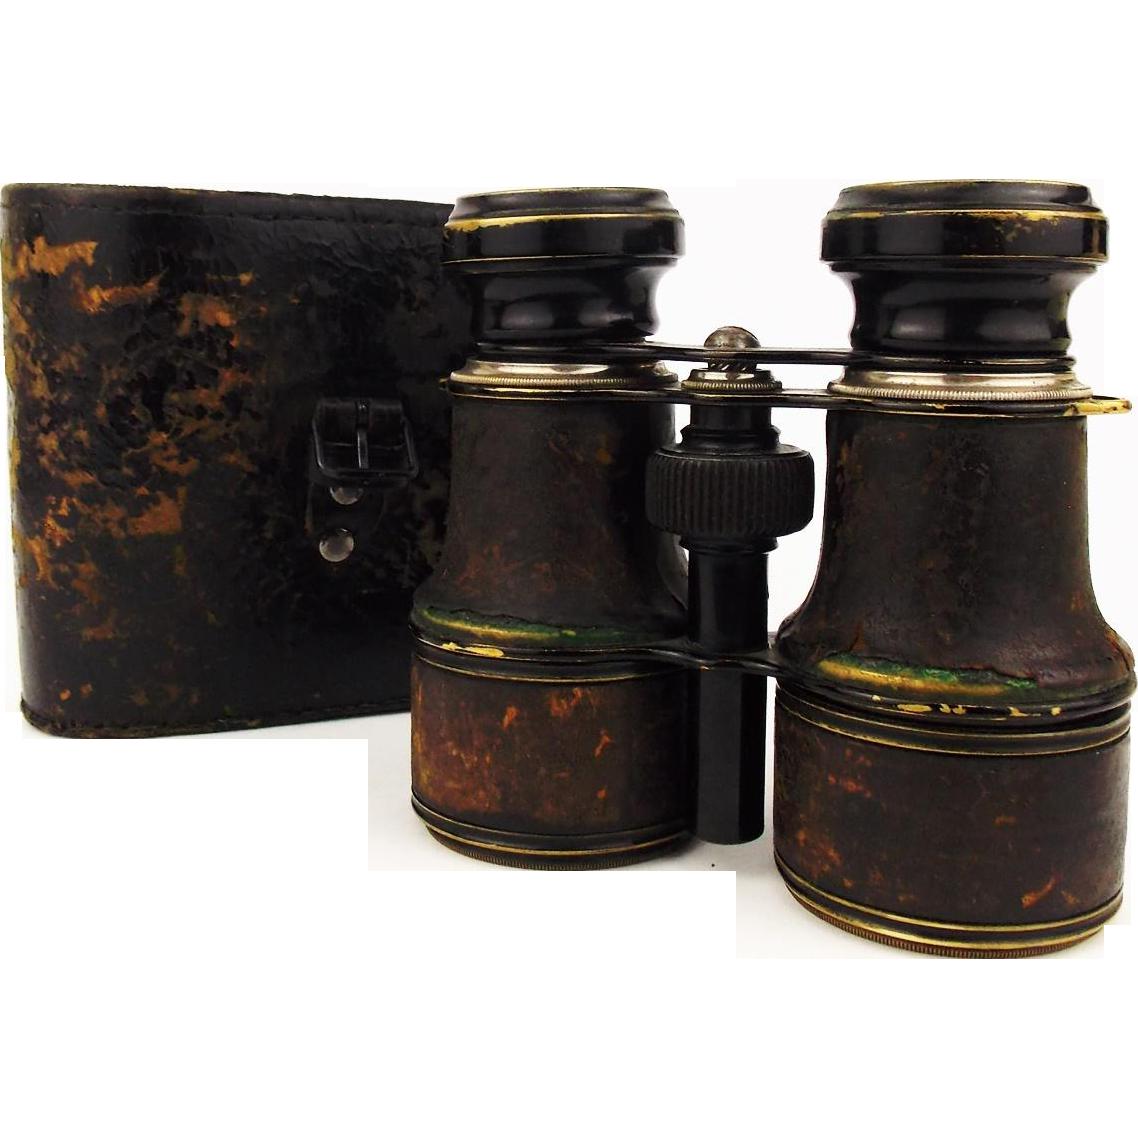 Antique 1910s Brass Binoculars Otto Schleiffelder Optiker